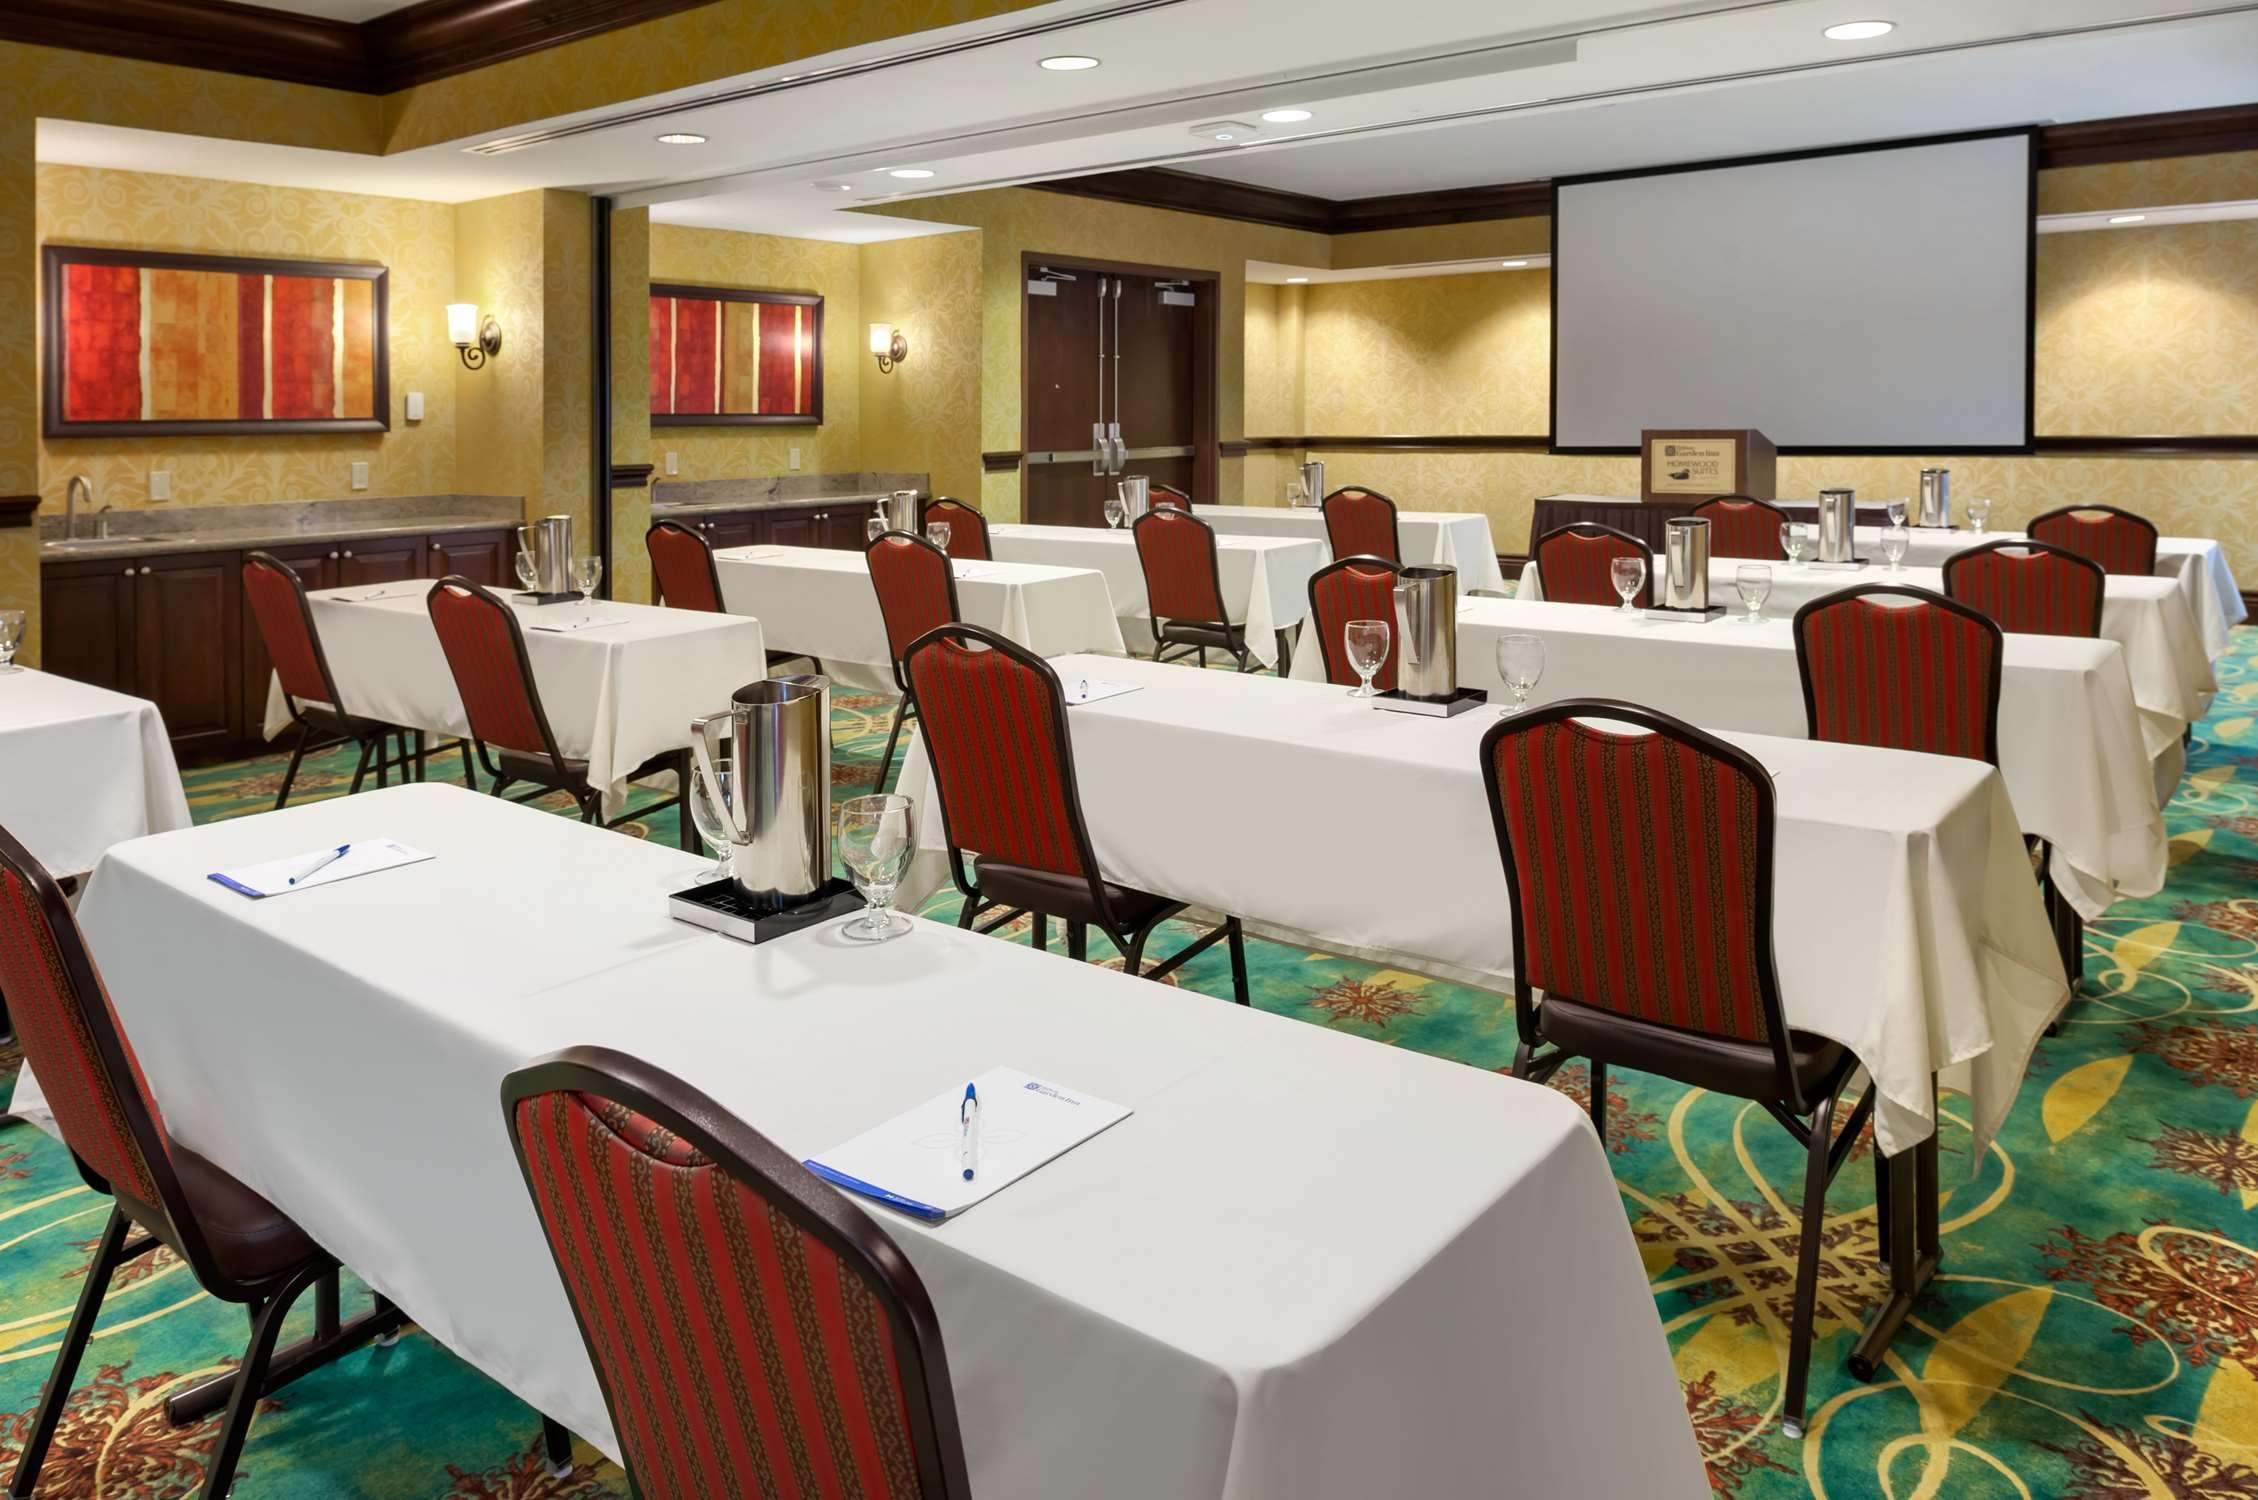 Hilton Garden Inn Shreveport Bossier City image 14